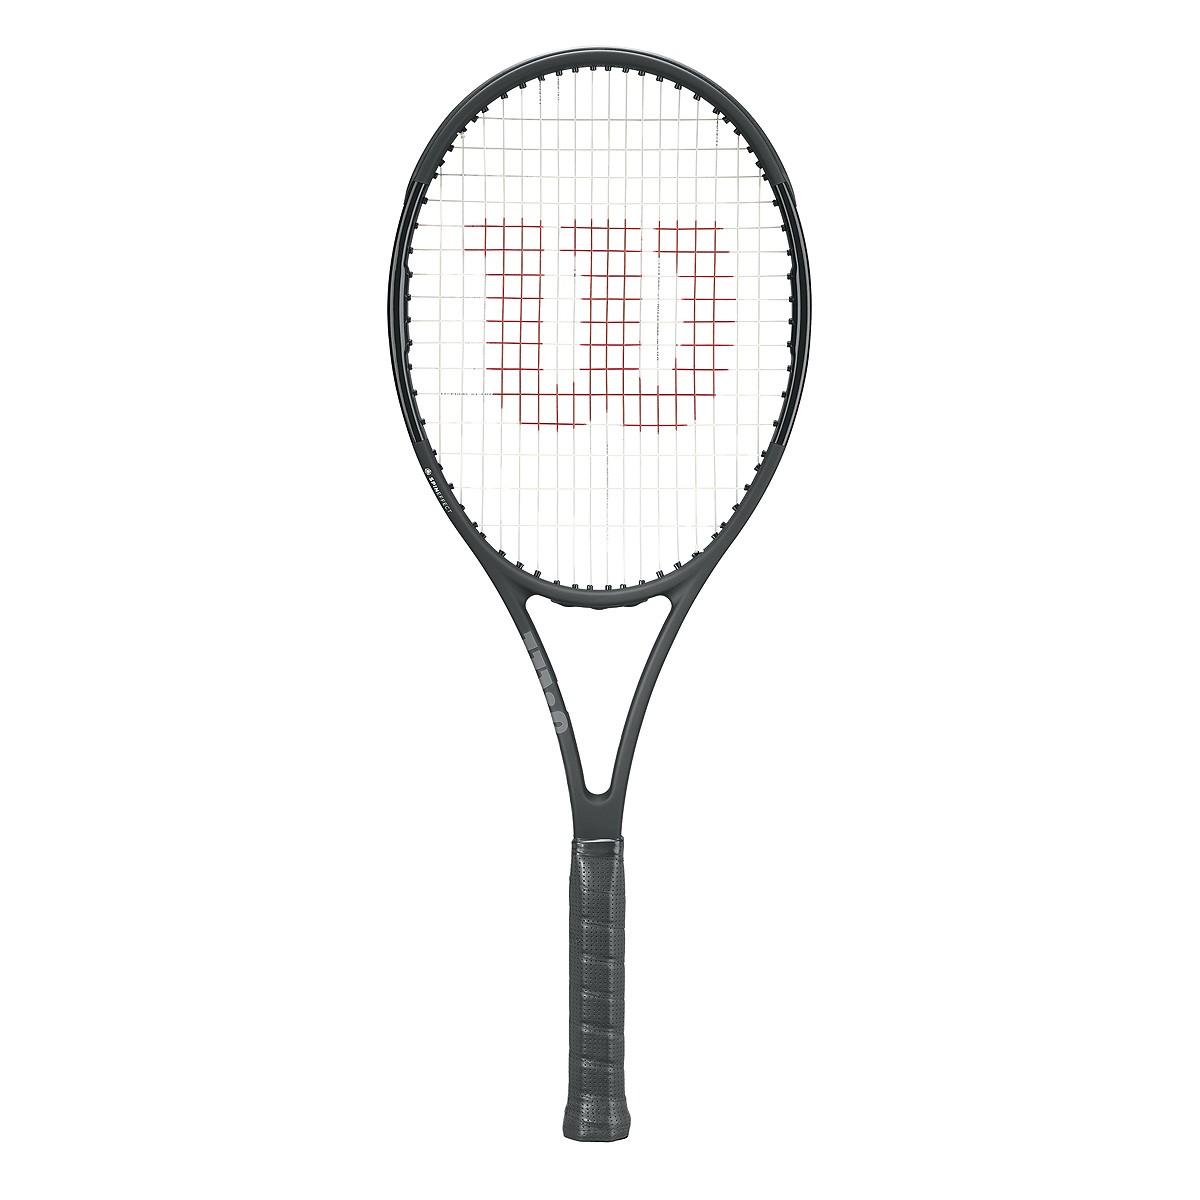 Rakieta tenisowa Wilson PRO STAFF 97ULS + Luxilon!